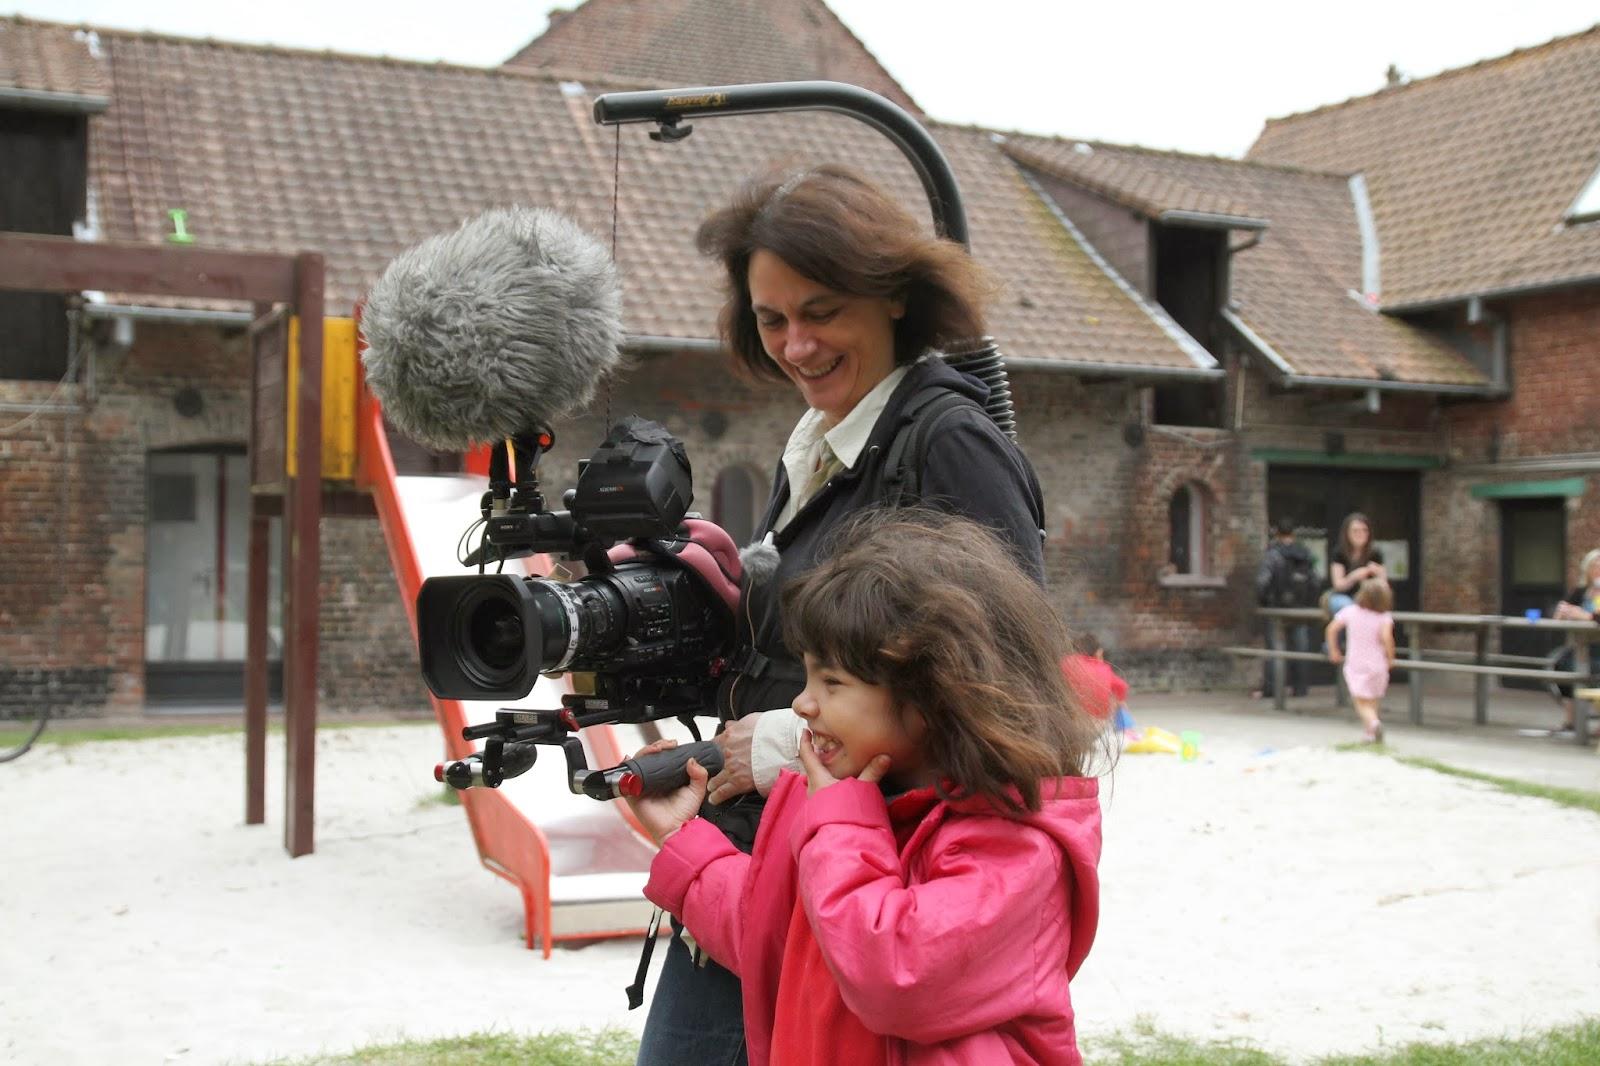 La cineasta Mariana Otero durante el rodaje de 'A cielo abierto' con Amina, una de las niñas residentes en Courtil. © Romain Baudean